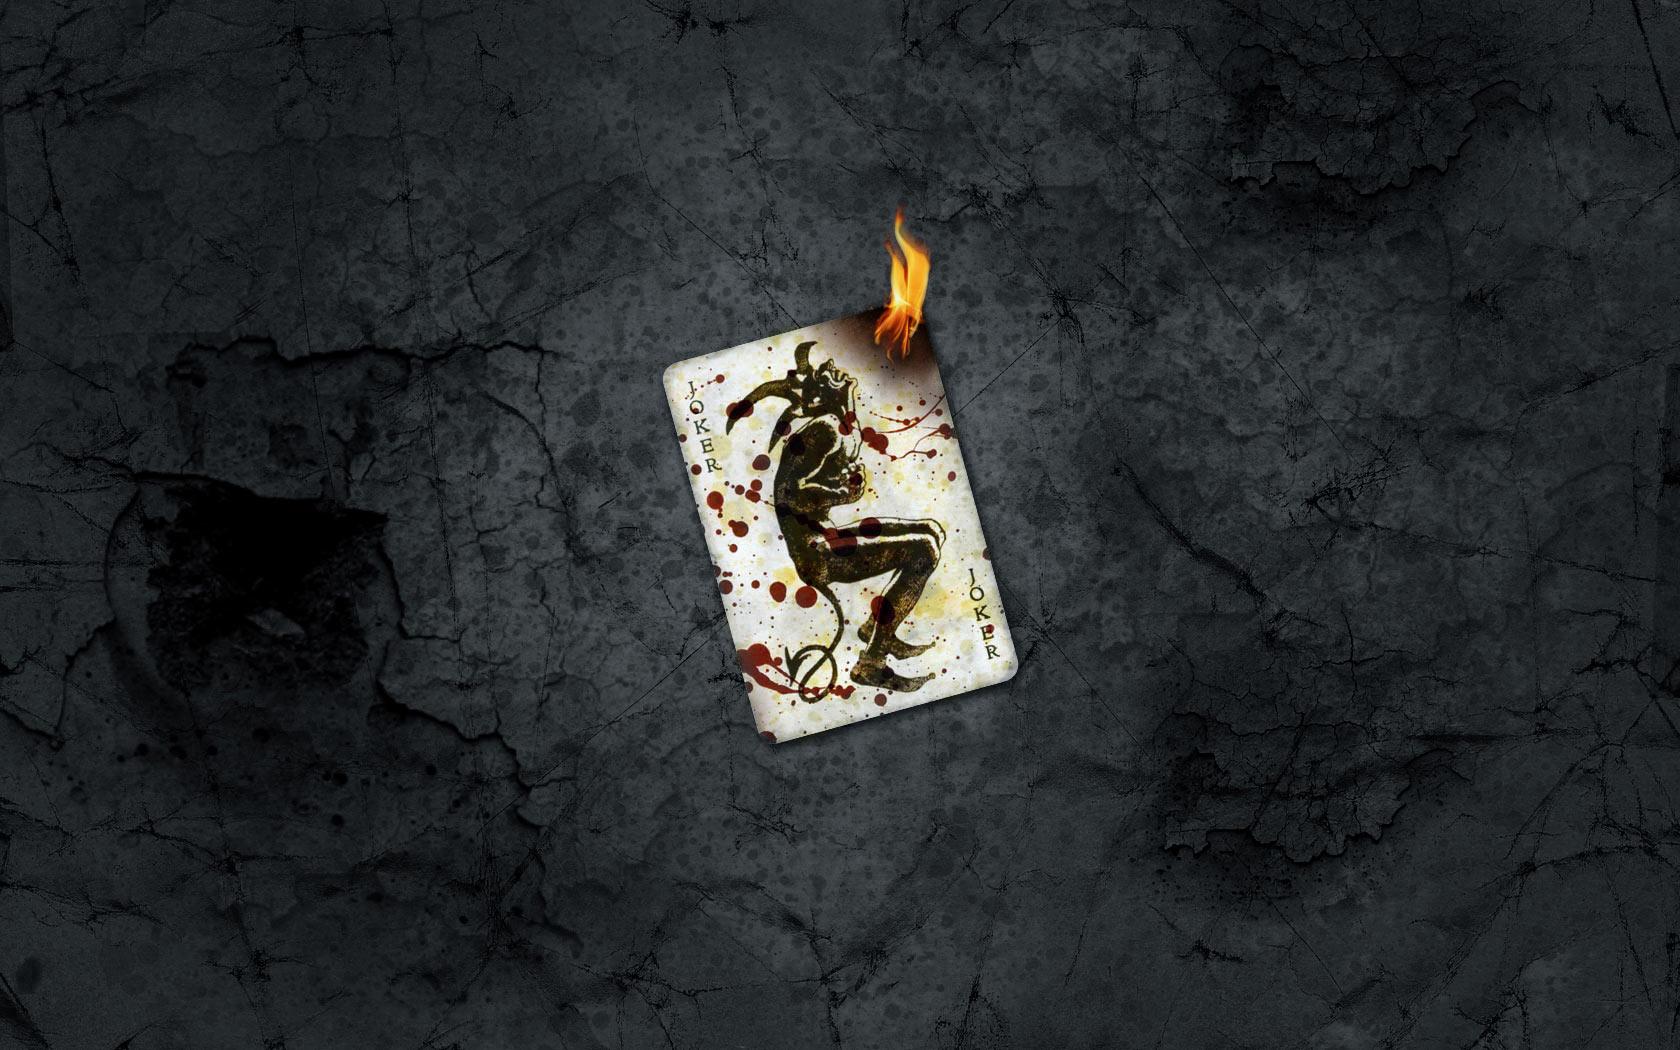 Joker Burn By Paullus23 On Deviantart